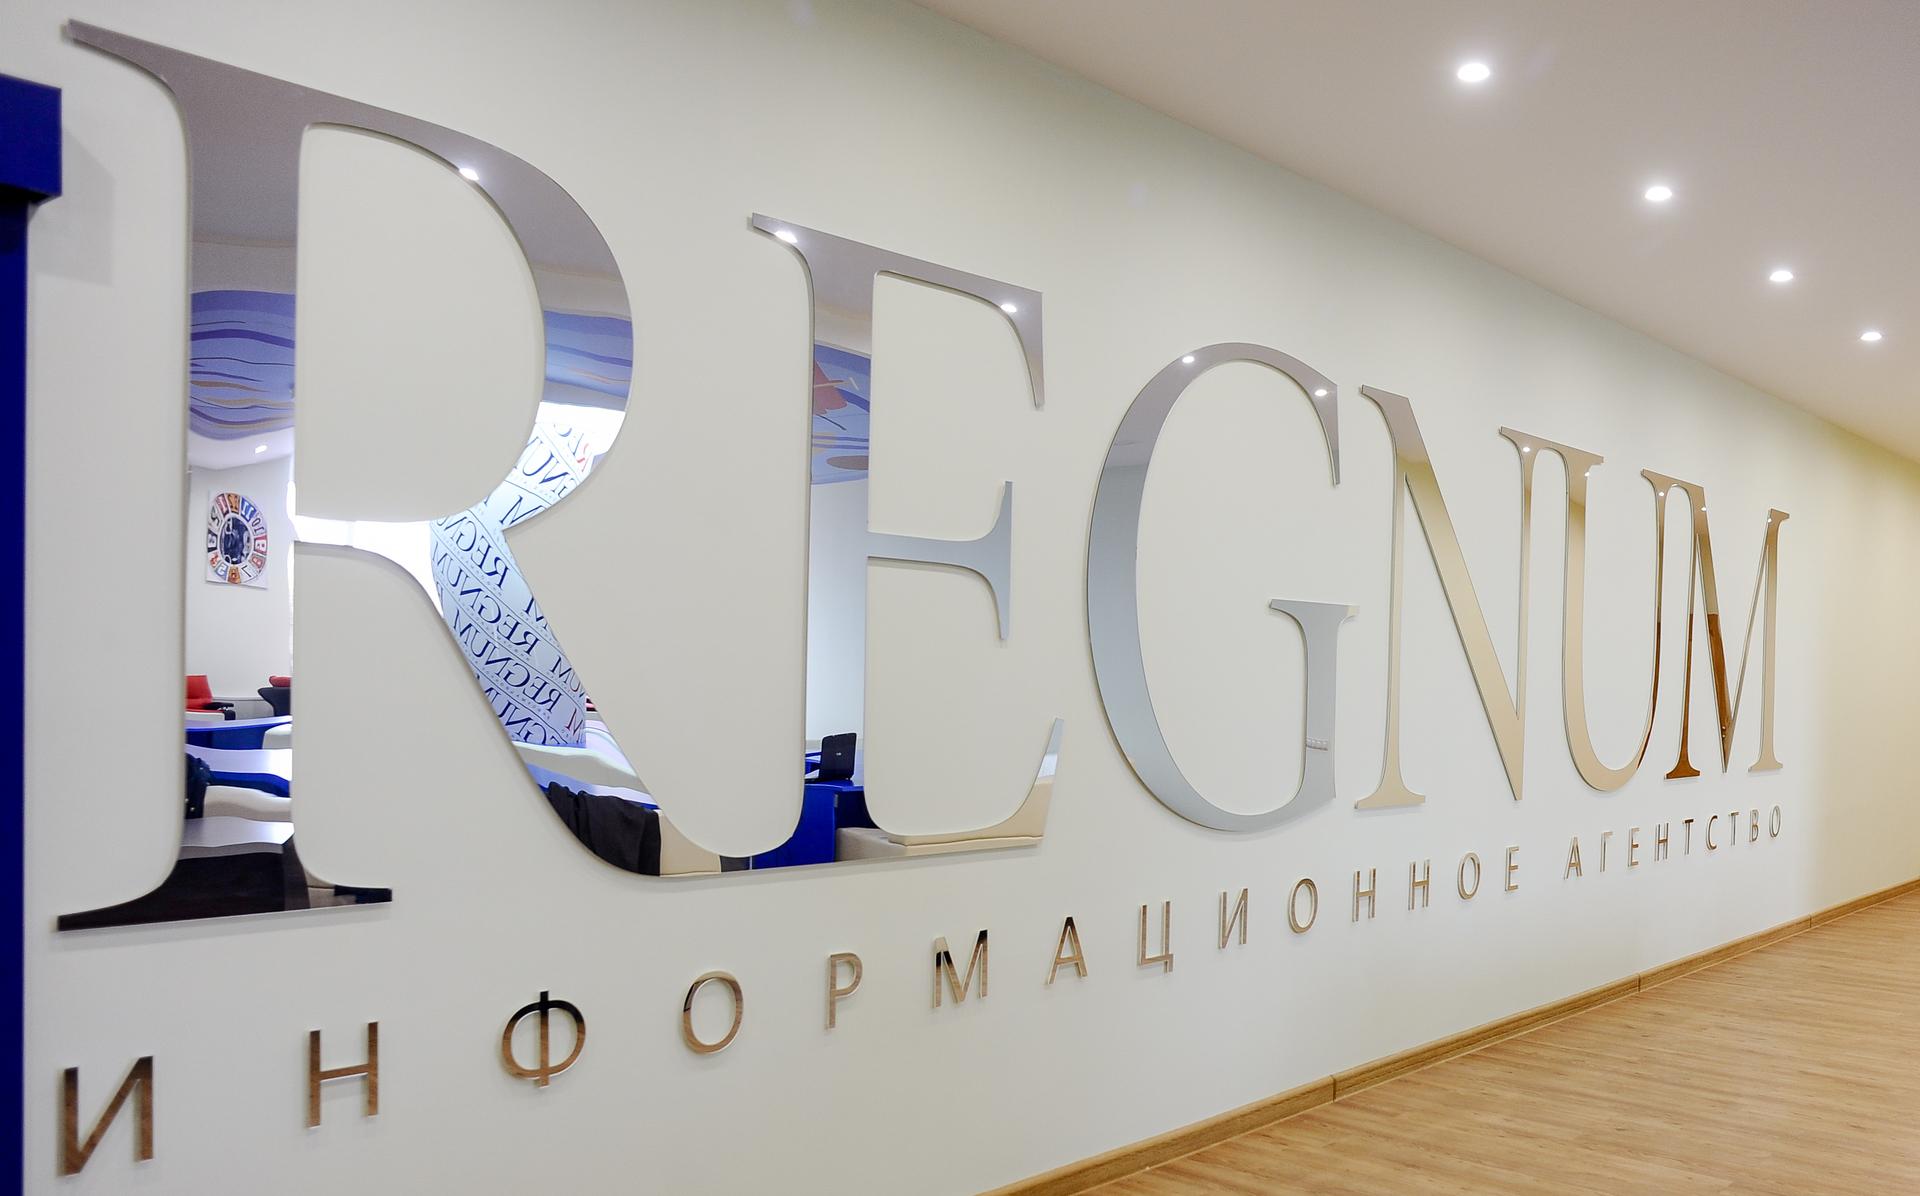 Шеф-редактор ИА REGNUM попросил политического убежища в РФ